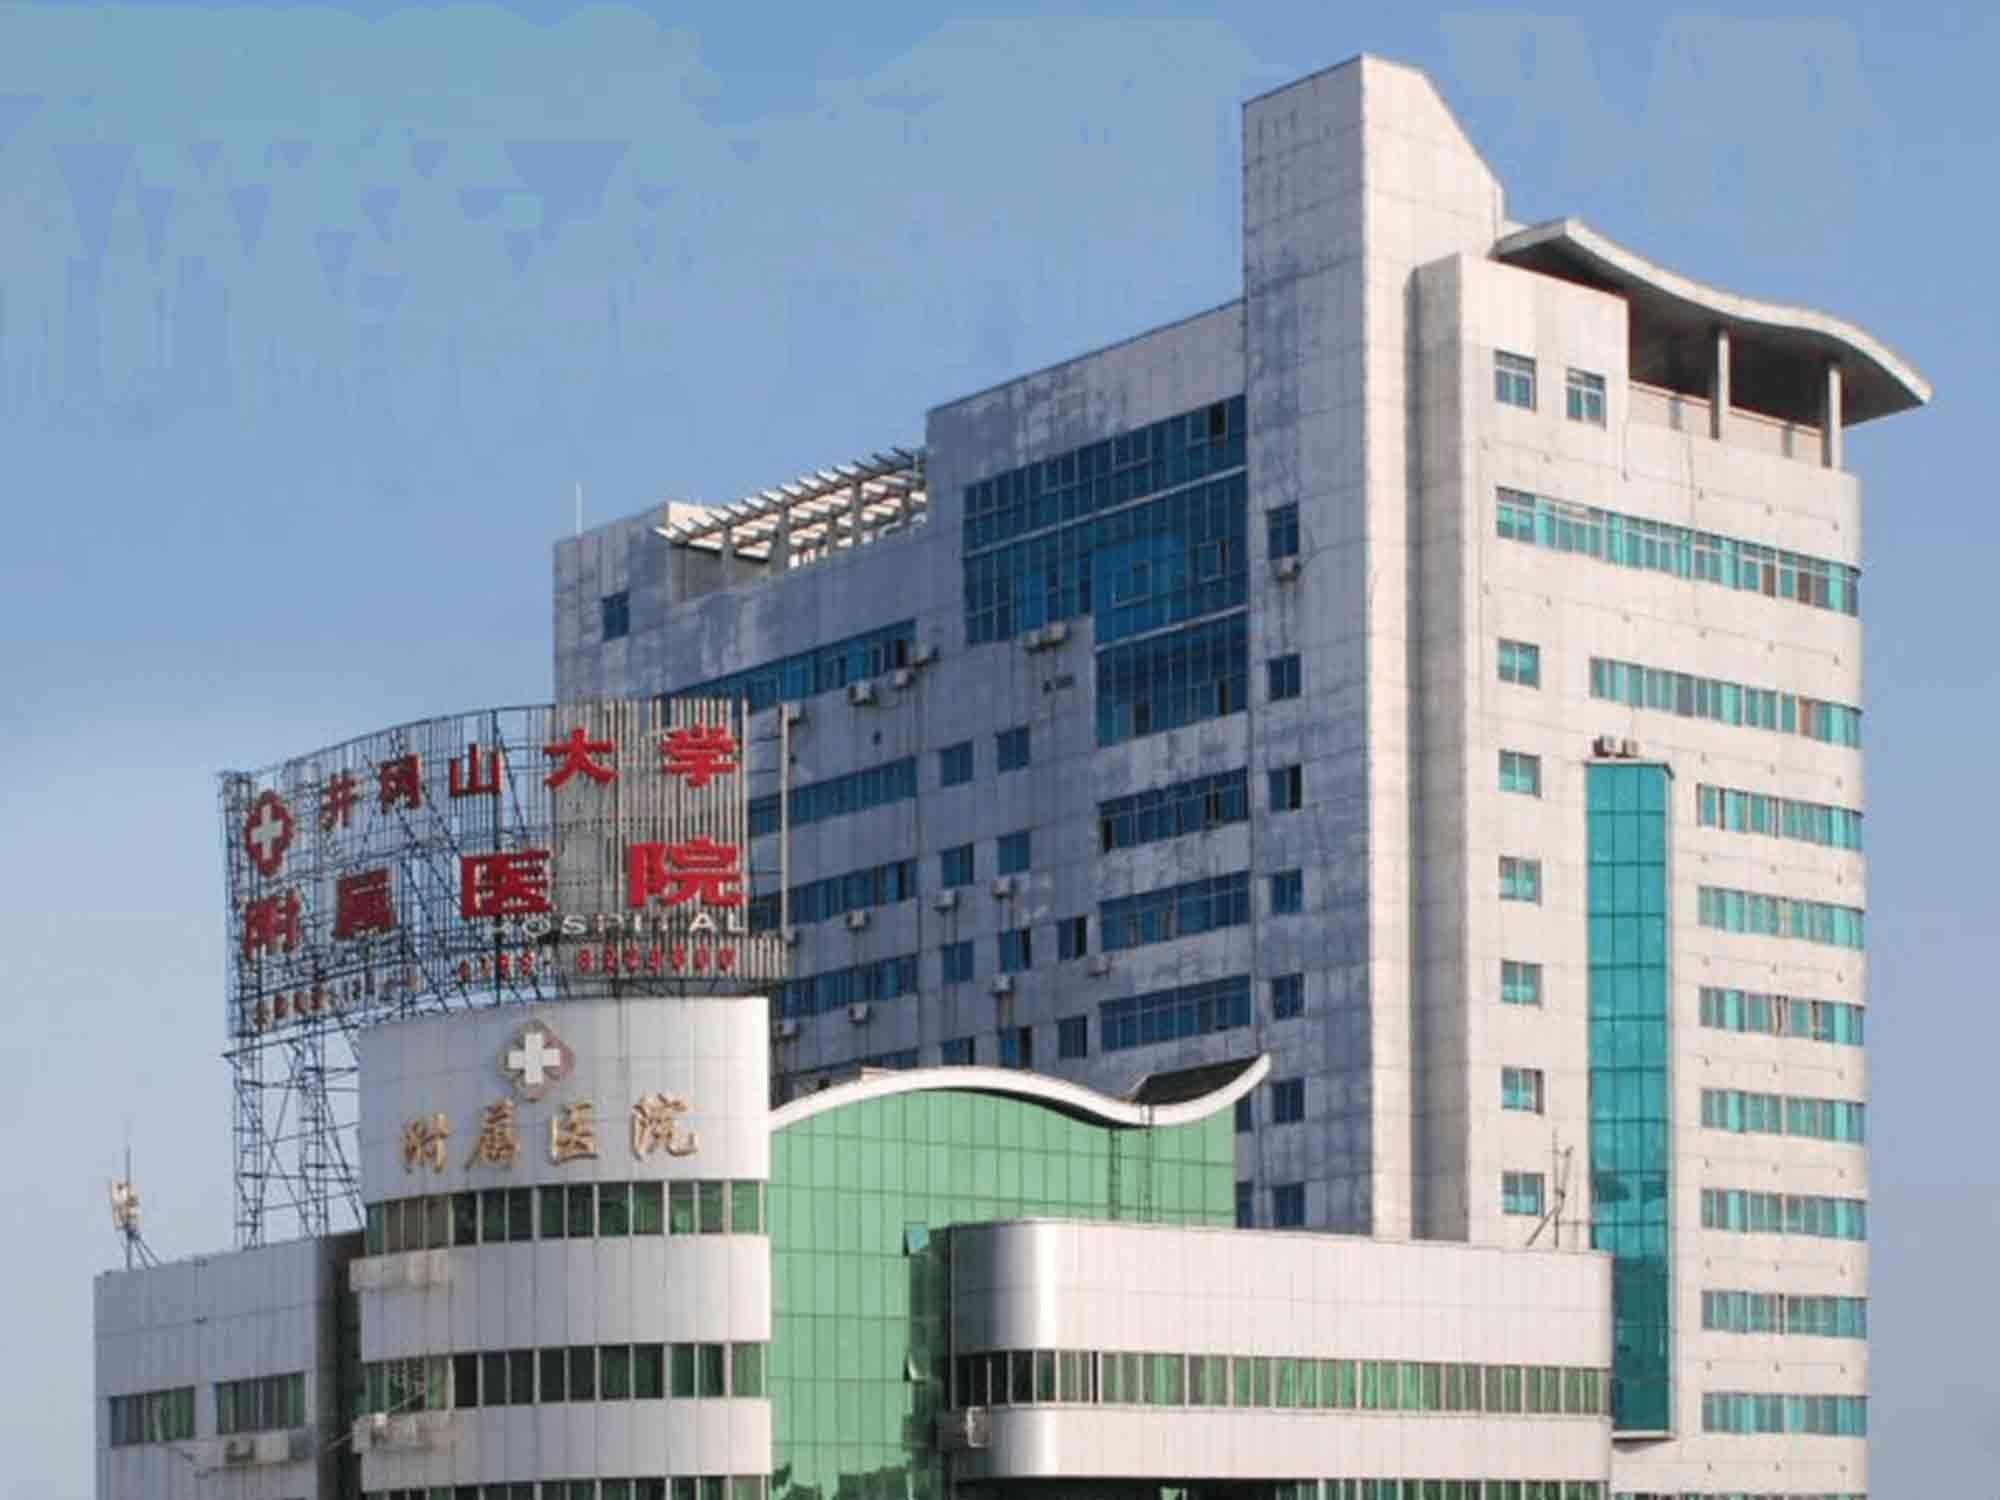 井冈山大学附属医院体检中心